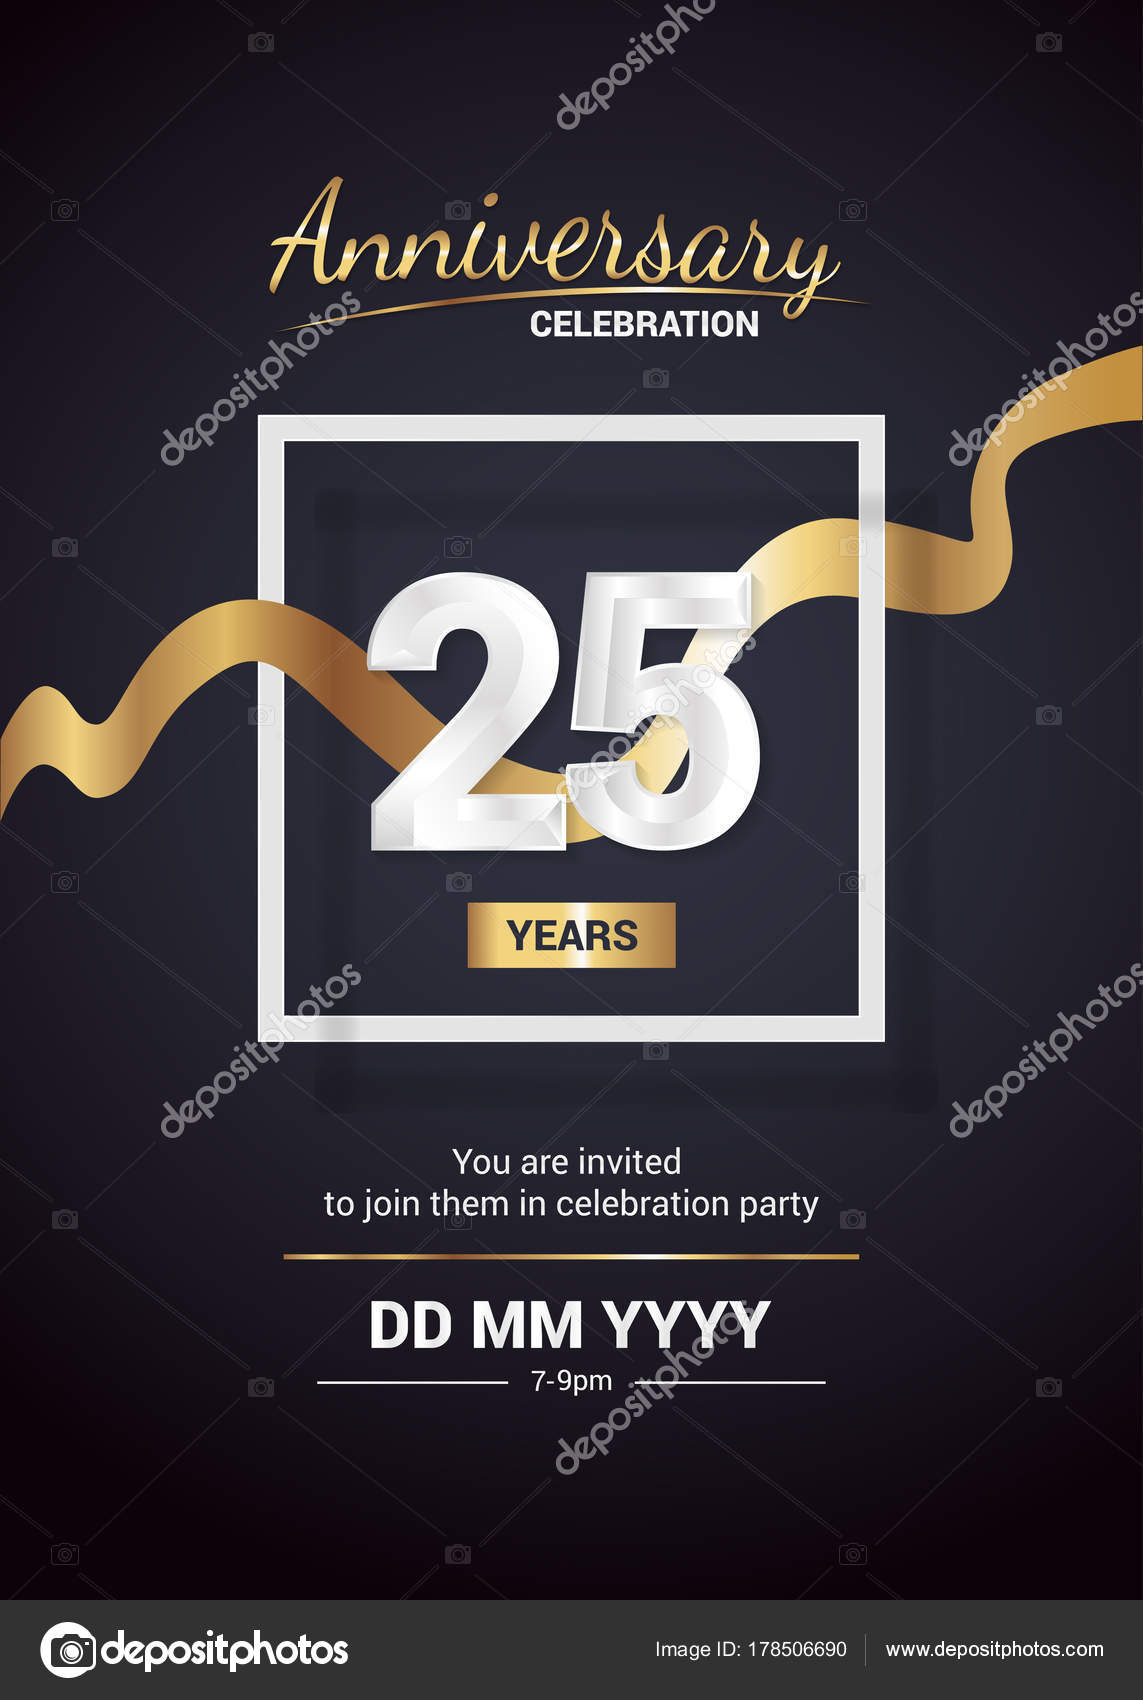 Tarjetas Invitacion Eventos Empresariales Años Aniversario